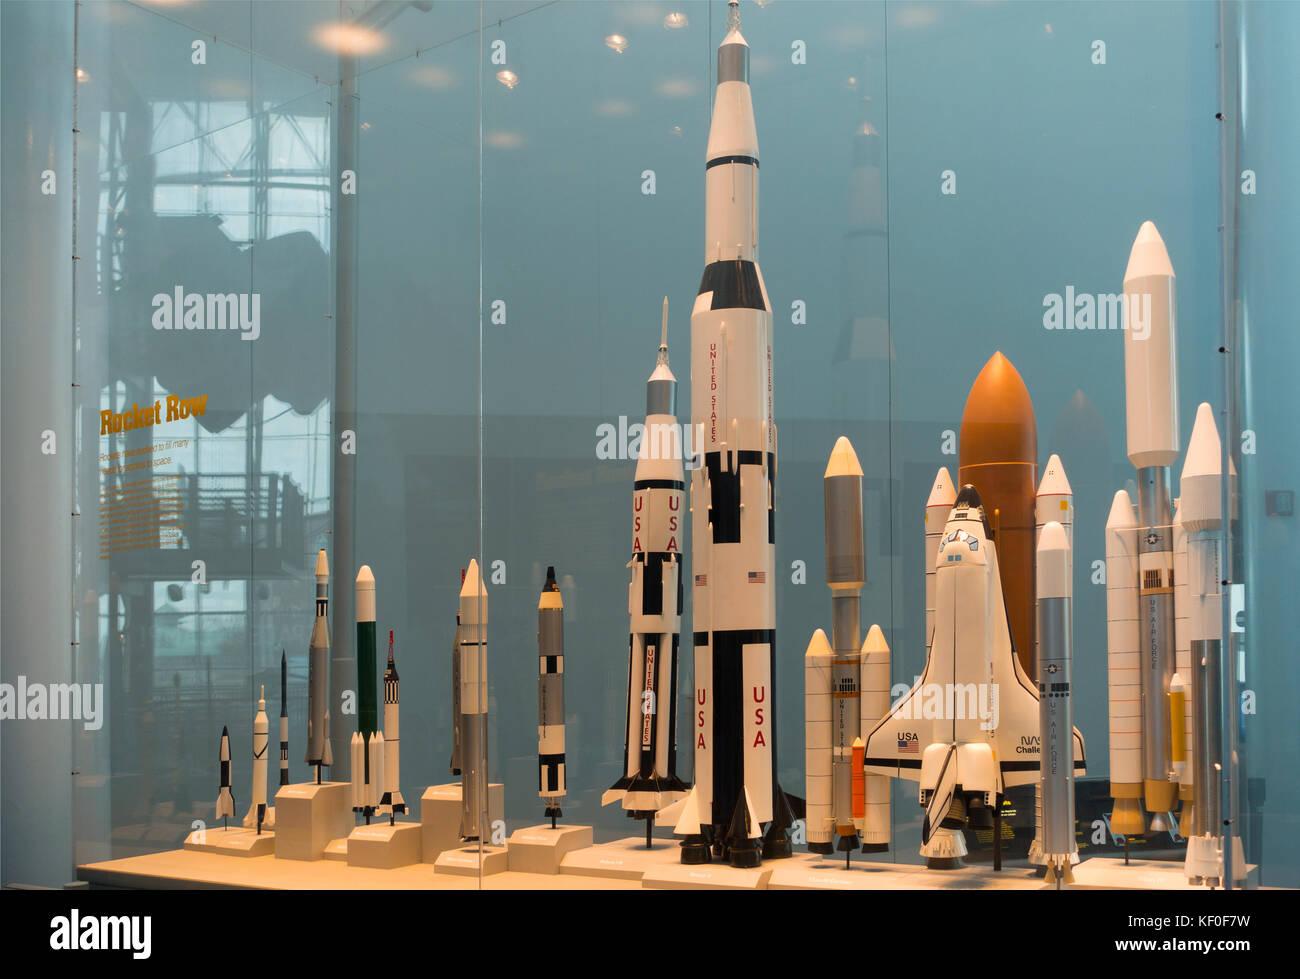 Rockets At Nasa Space Museum Stock Photos & Rockets At ...